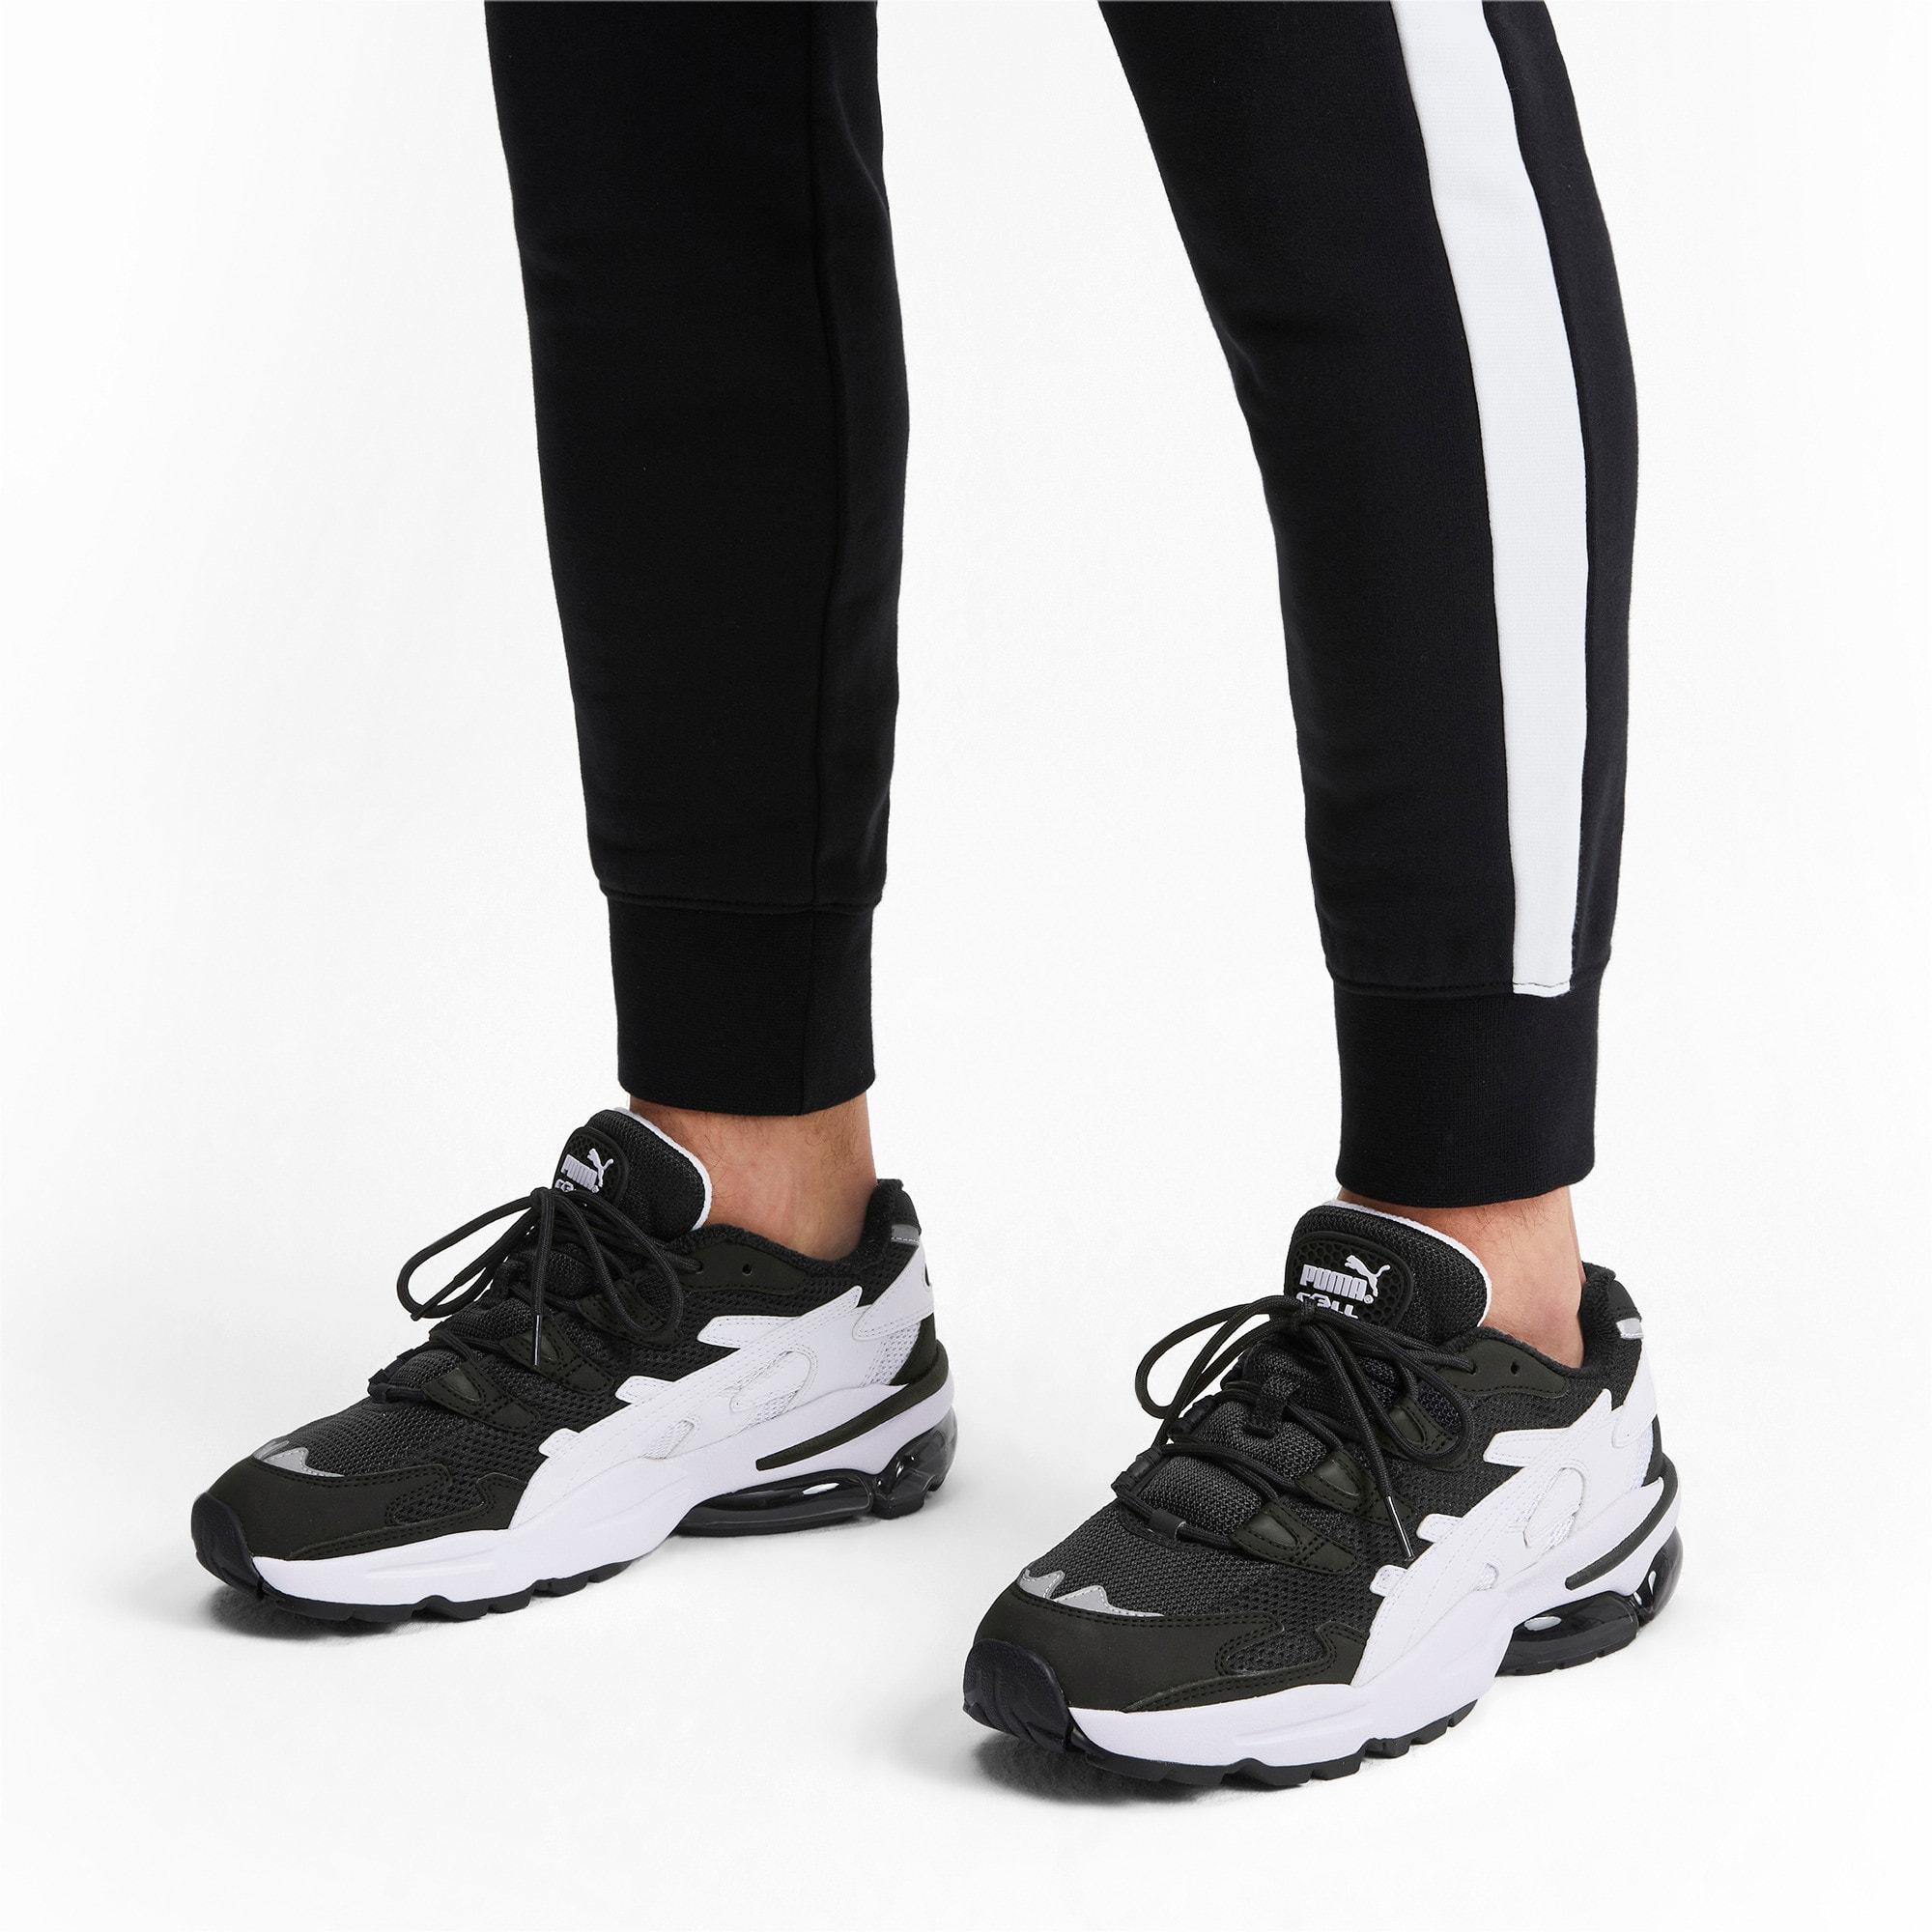 Thumbnail 2 of CELL Alien OG Sneaker, Puma Black-Puma White, medium